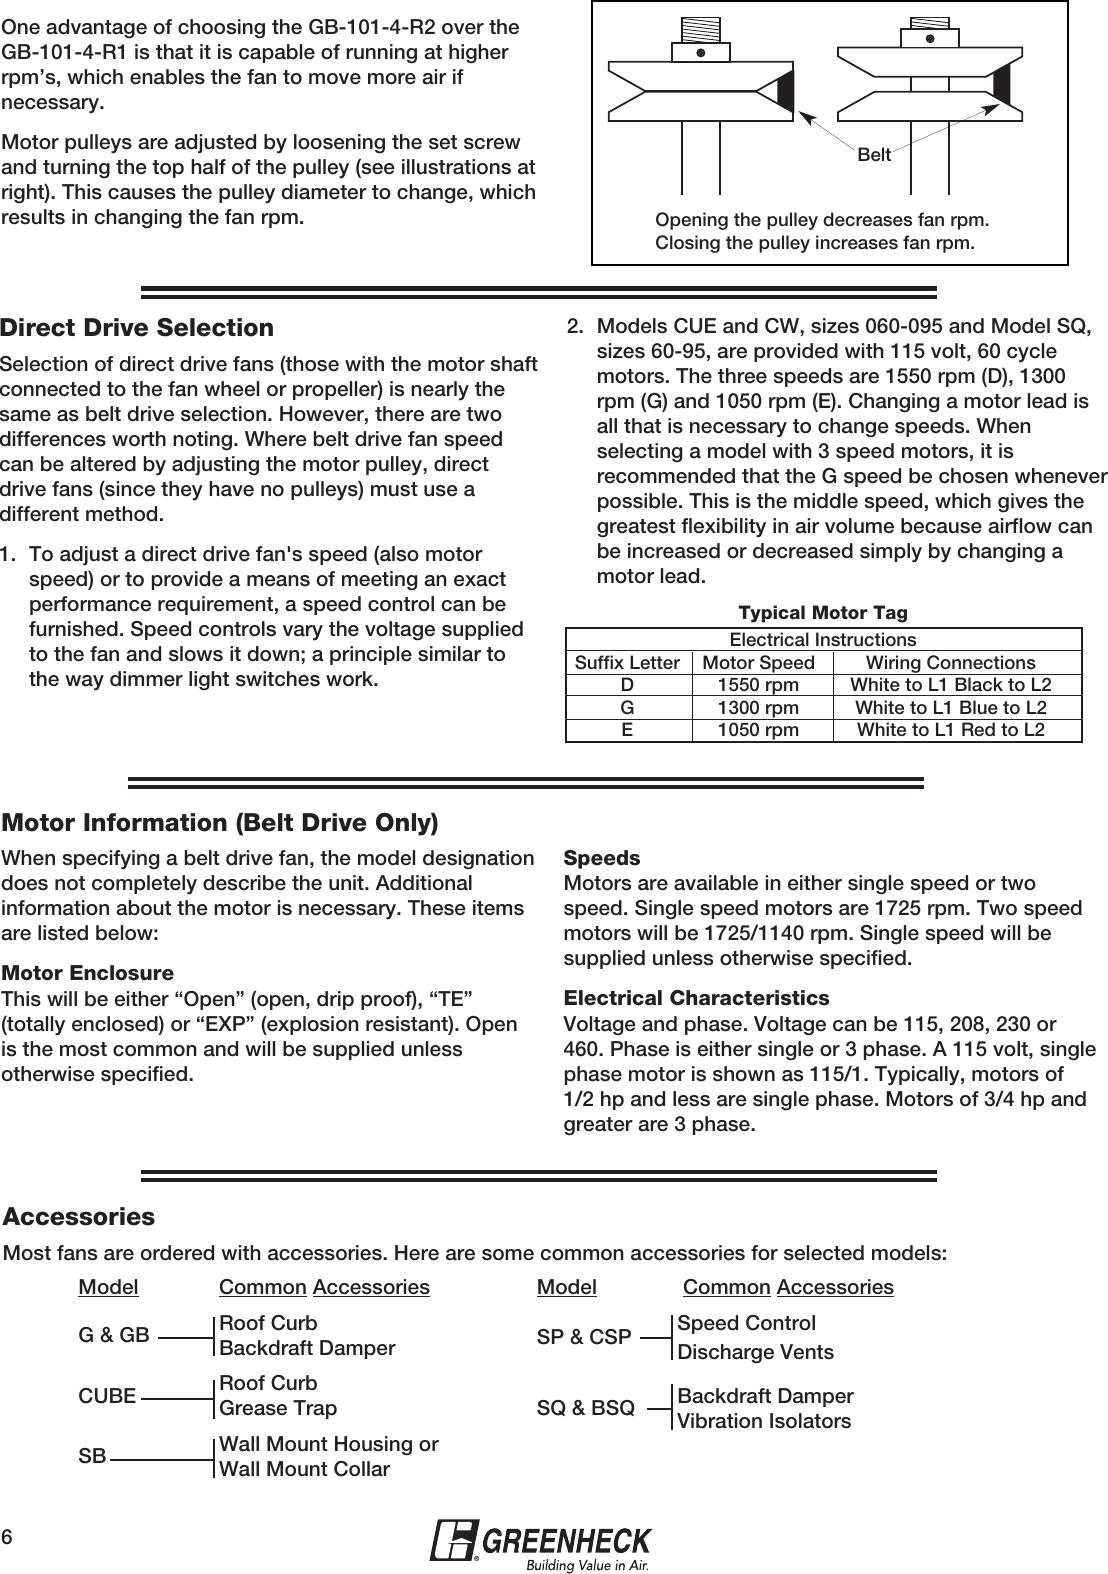 Greenheck Fan 240Xp Cub Users Manual